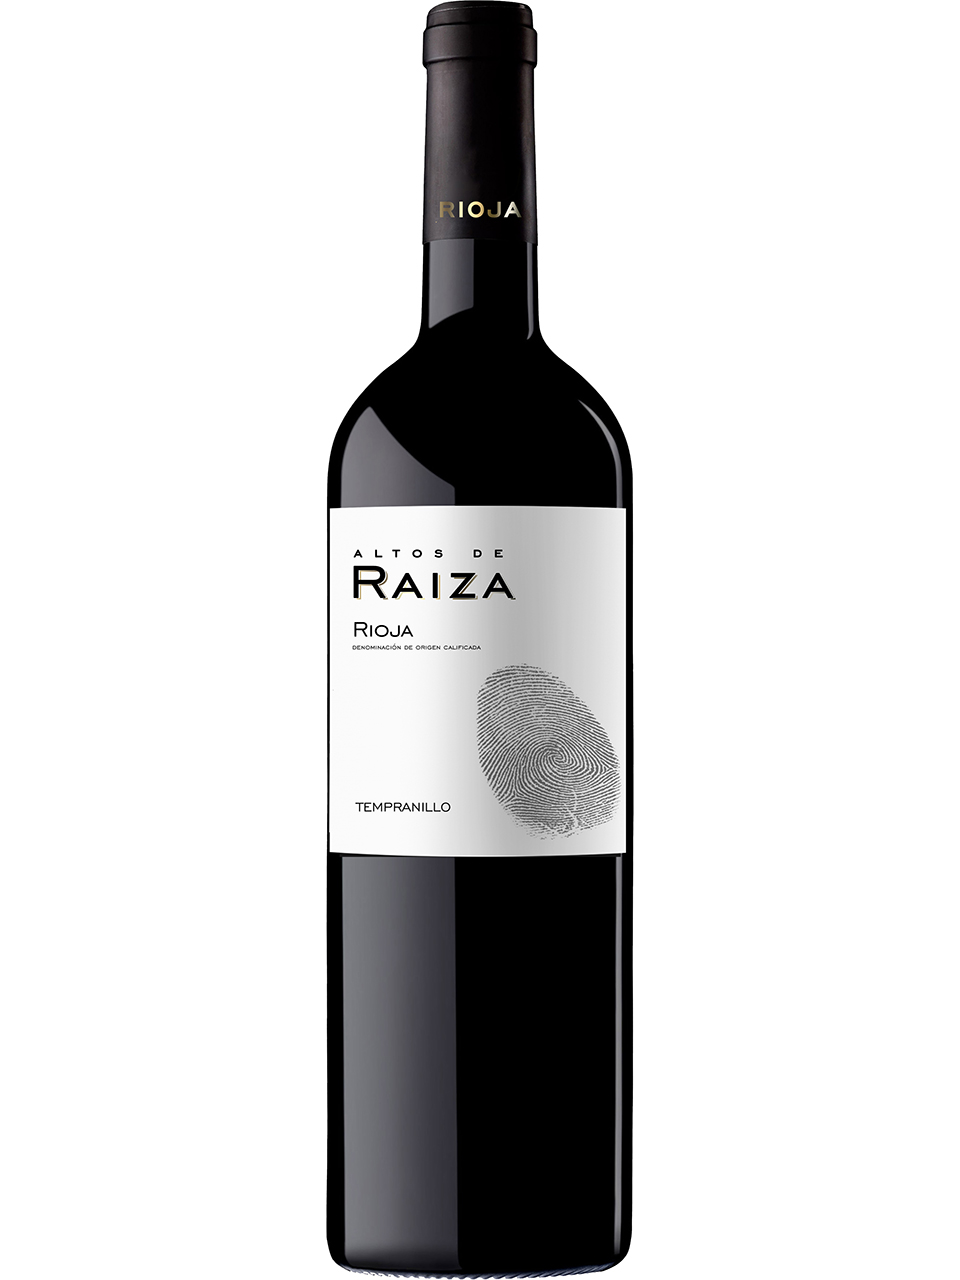 Altos De Raiza Rioja